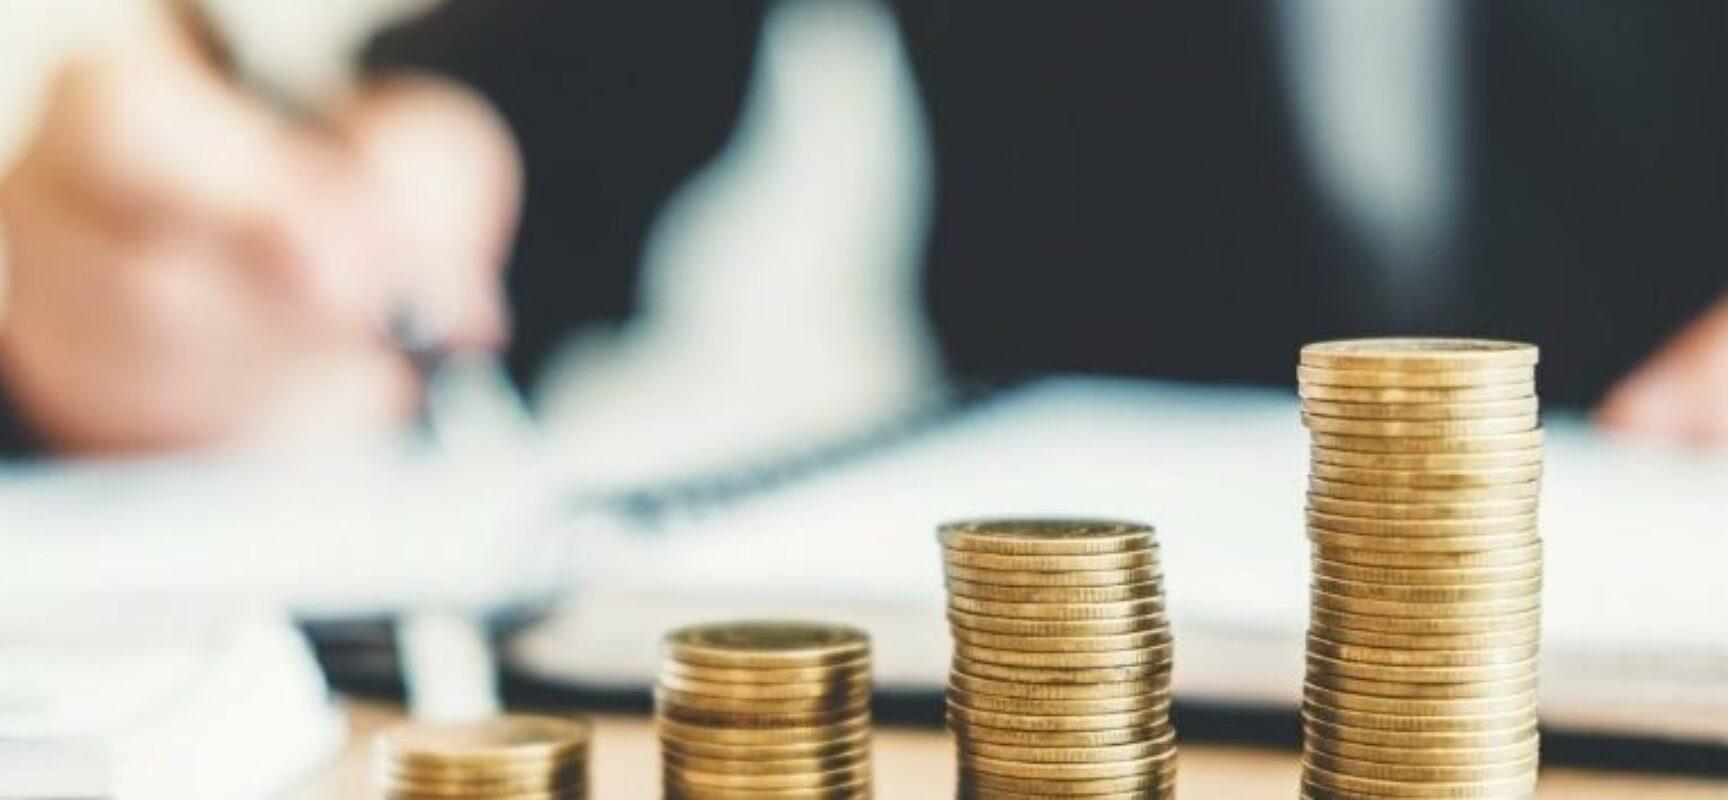 Reforma tributária aumenta impostos e arrisca reduzir arrecadação, dizem especialistas